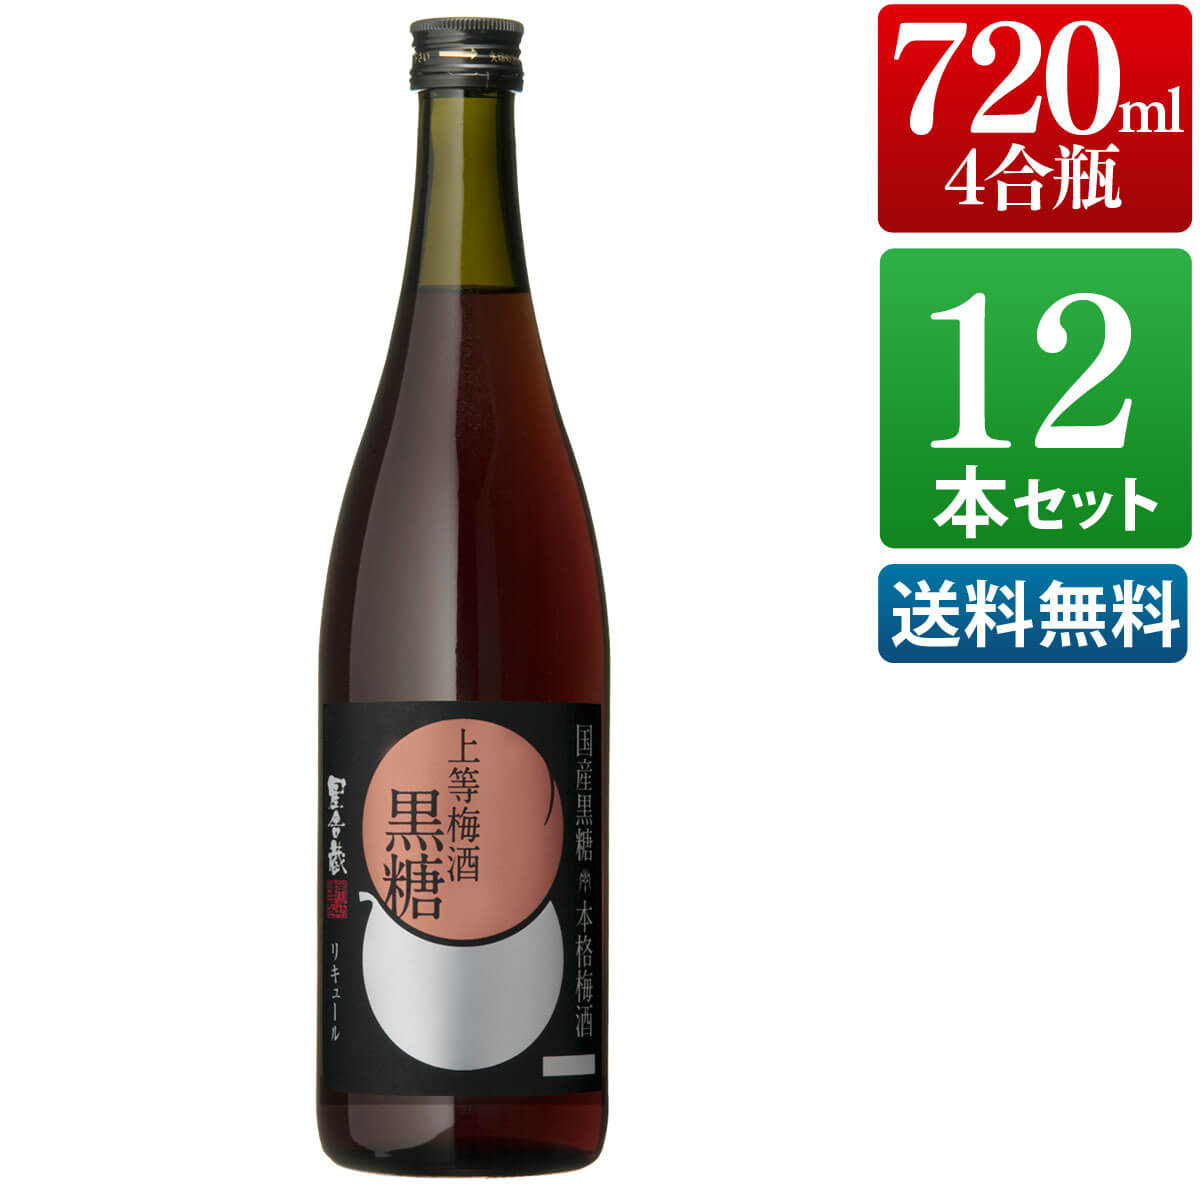 本格梅酒 12本セット 上等梅酒 黒糖 14度 720ml [ 本坊酒造 梅酒 / 送料無料 ] 【本坊酒造 公式通販】